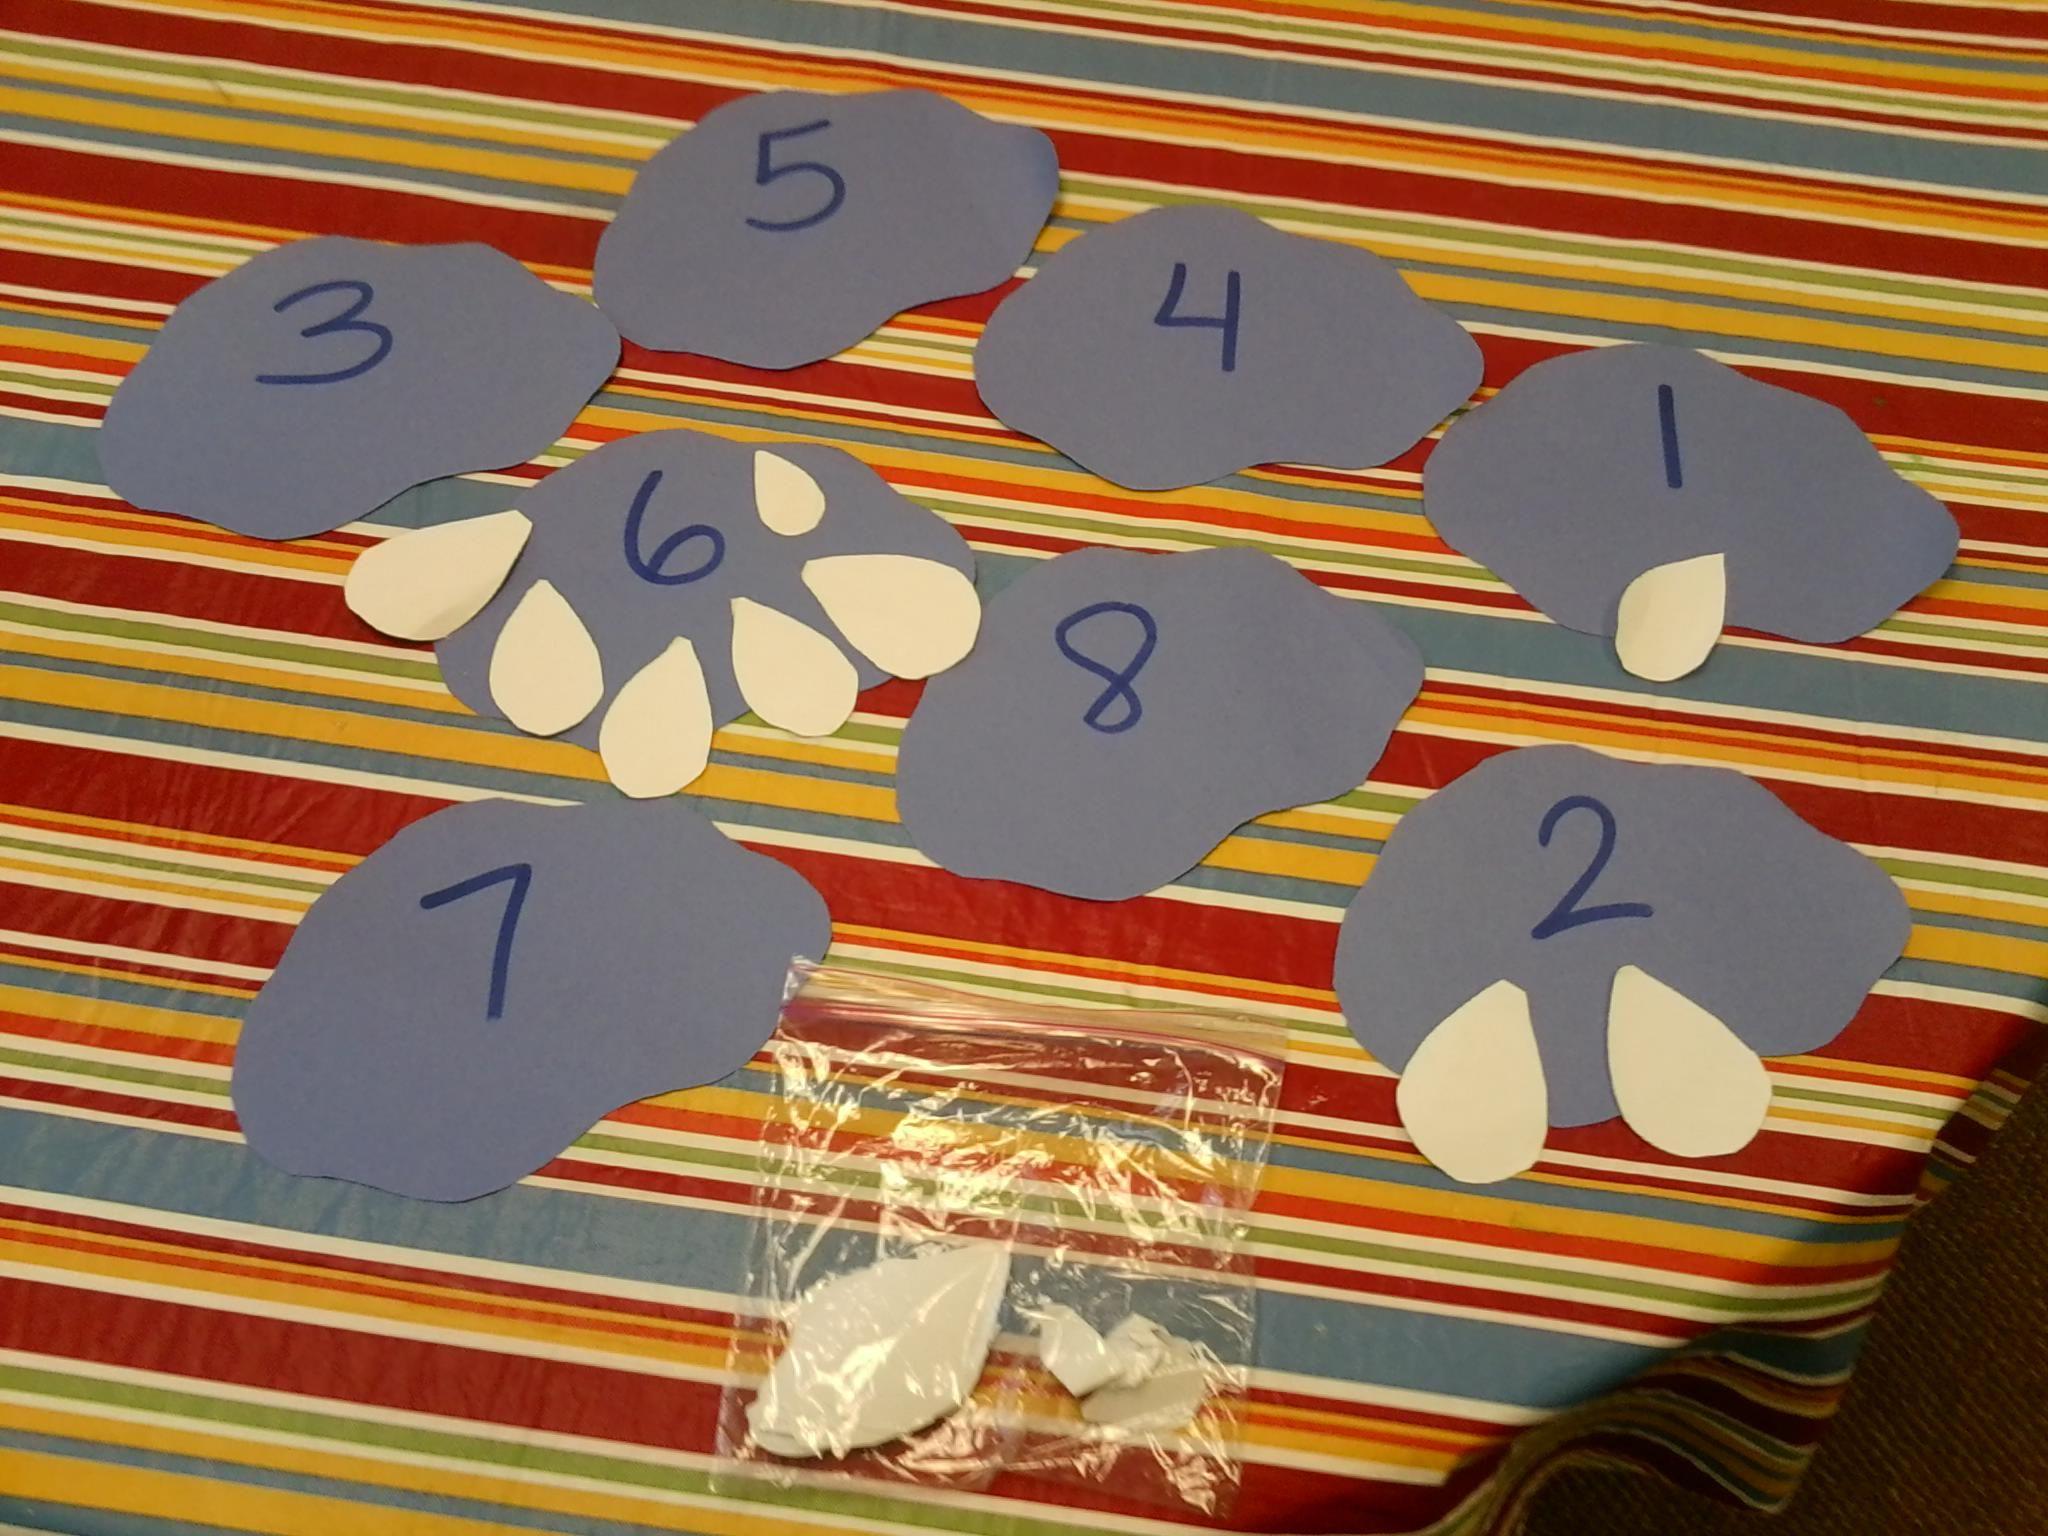 Rain Cloud Number Match Preschool Math Center Students